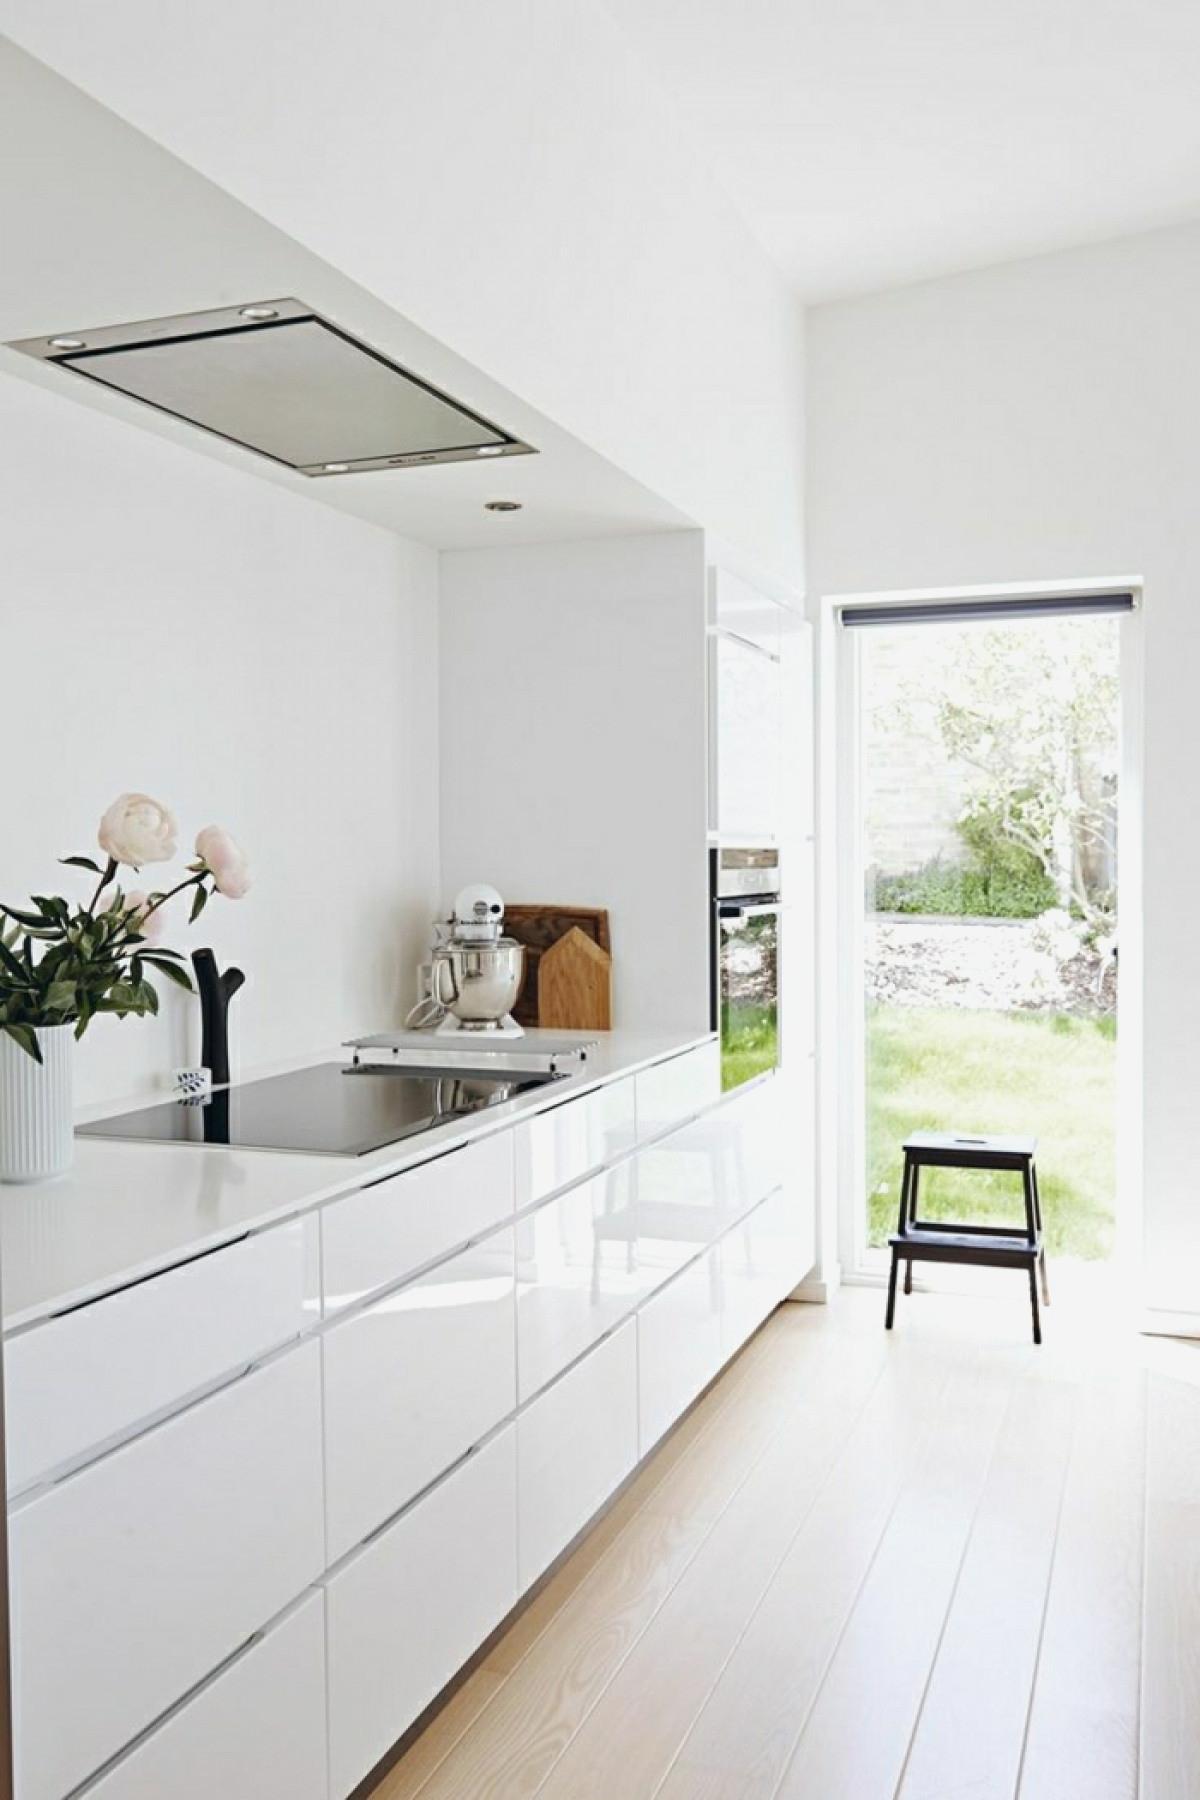 Jetée De Canapé Ikea Inspirant Photos Meilleur De 40 De Table A Manger Blanc Laqué Conception